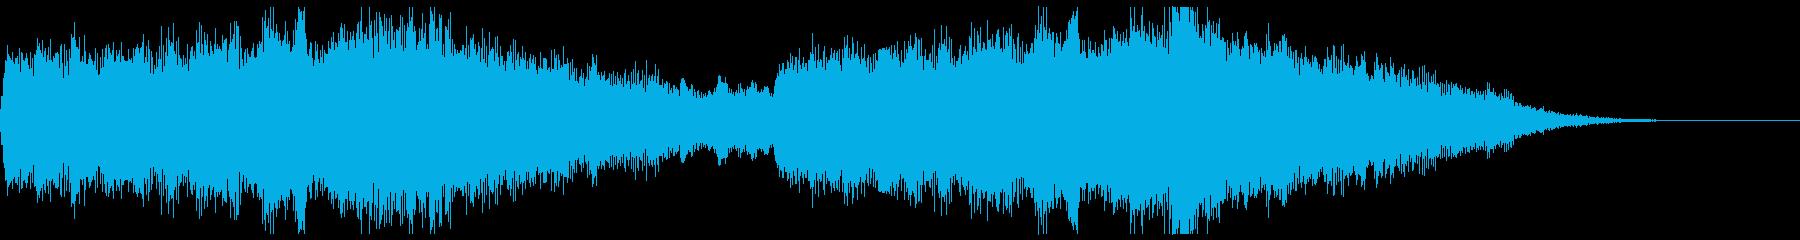 MARVEL風オーケストラジングルの再生済みの波形